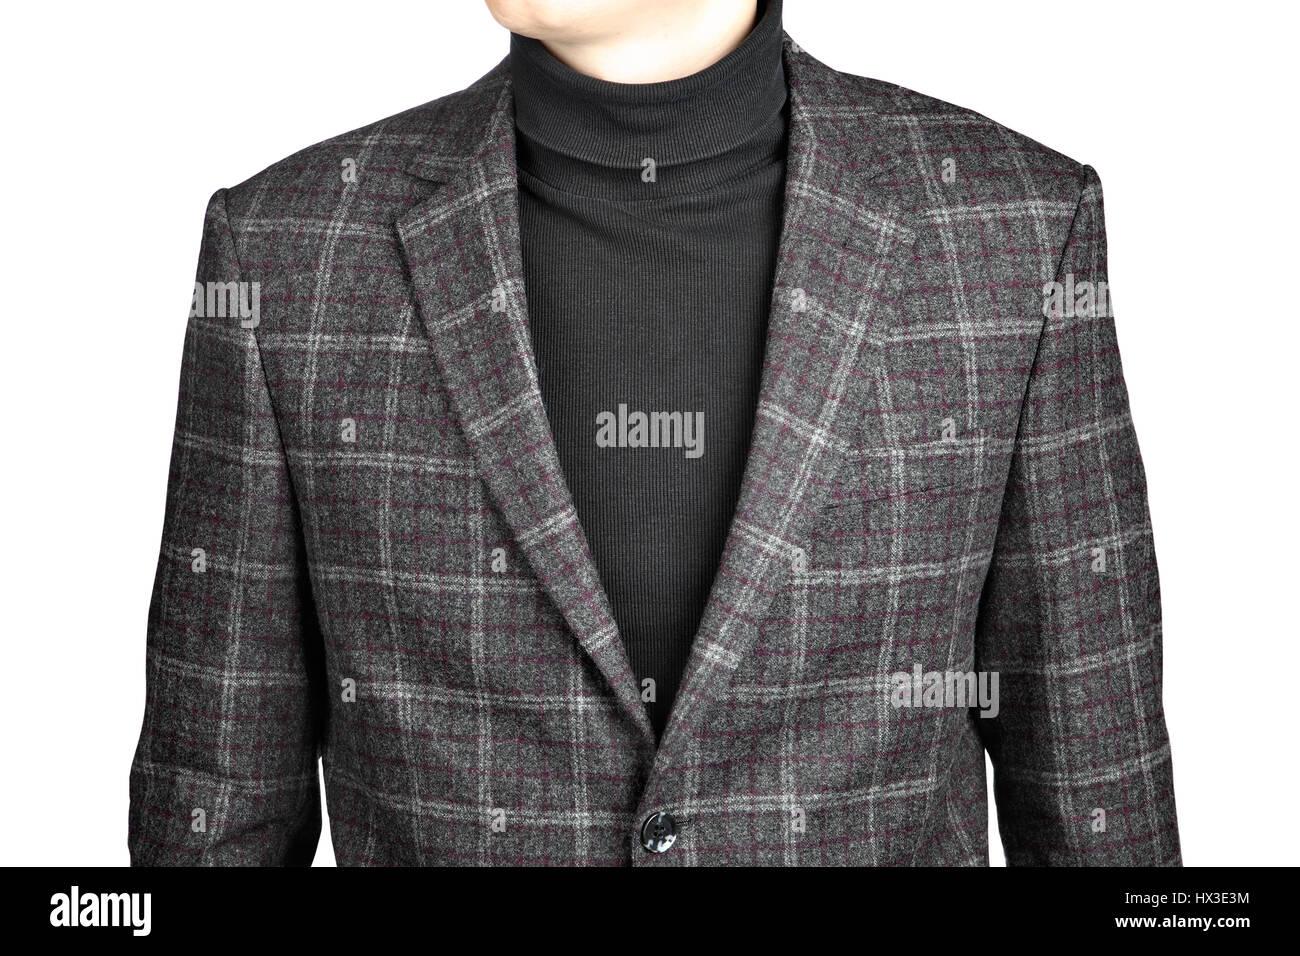 new product 3c0d5 32ebb Herren Woll Blazer Anzug kariert, isoliert auf weißem ...